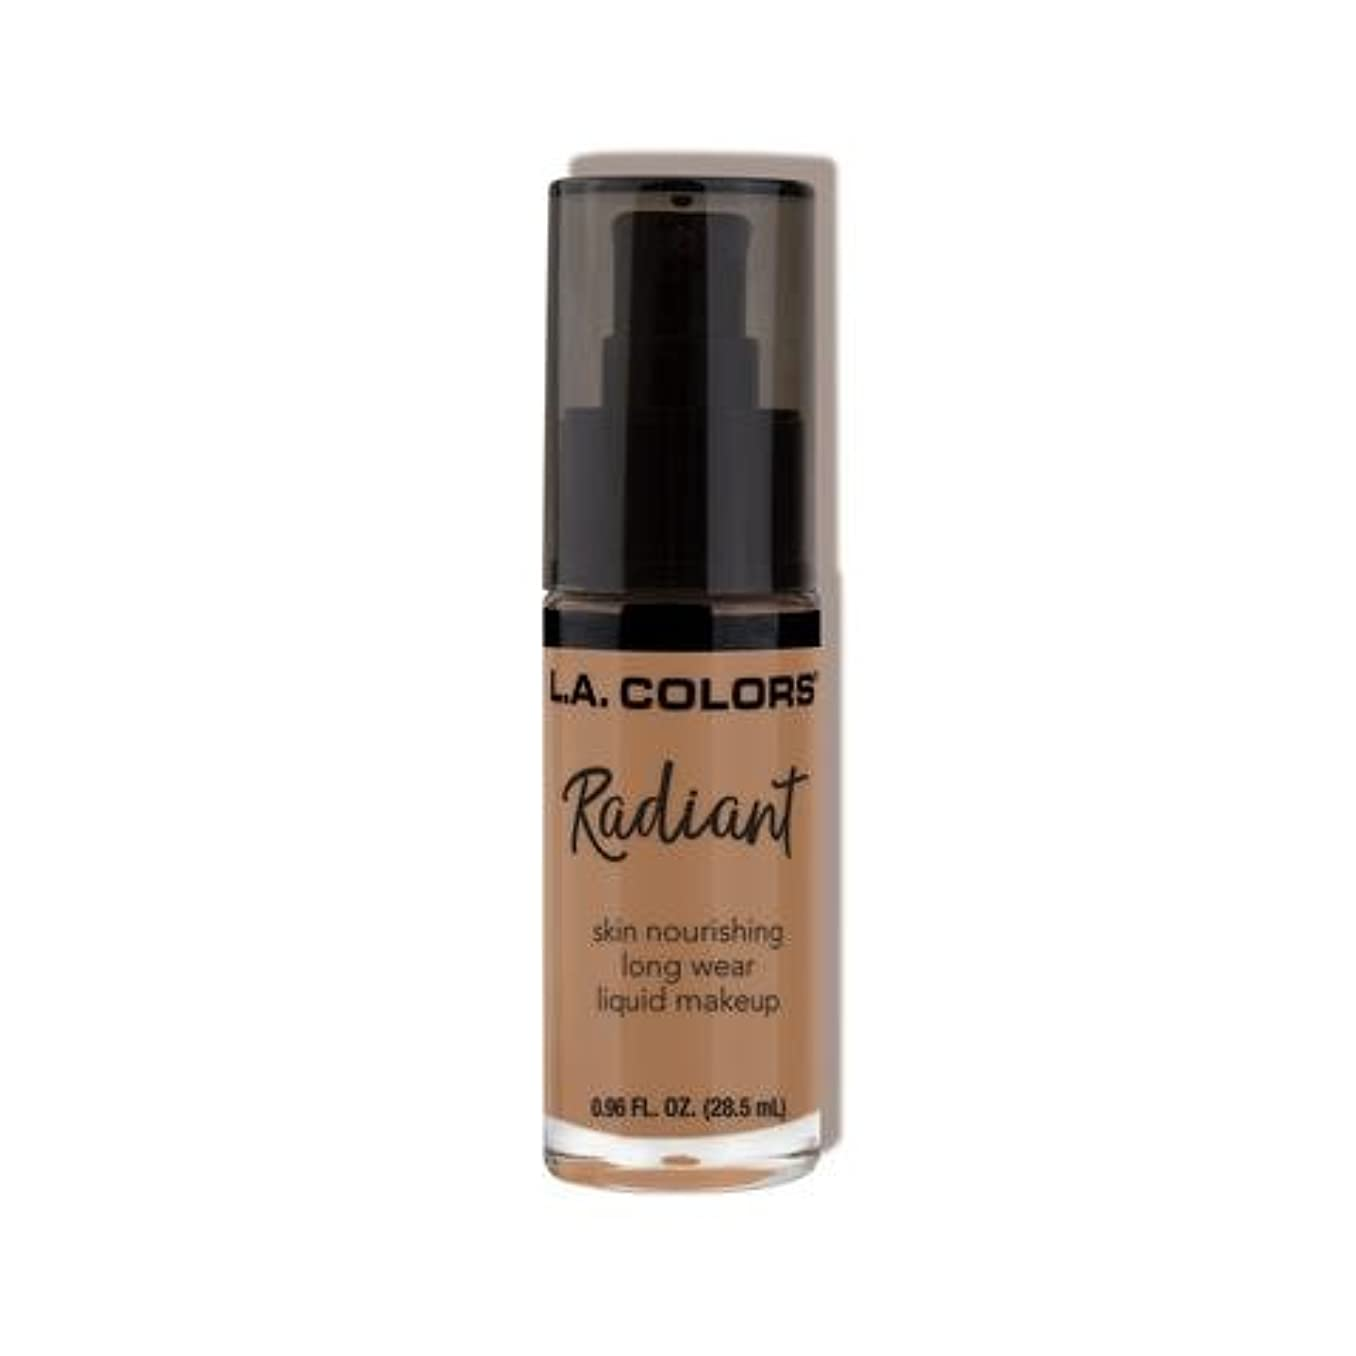 分析する差別特徴づける(3 Pack) L.A. COLORS Radiant Liquid Makeup - Creamy Cafe (並行輸入品)